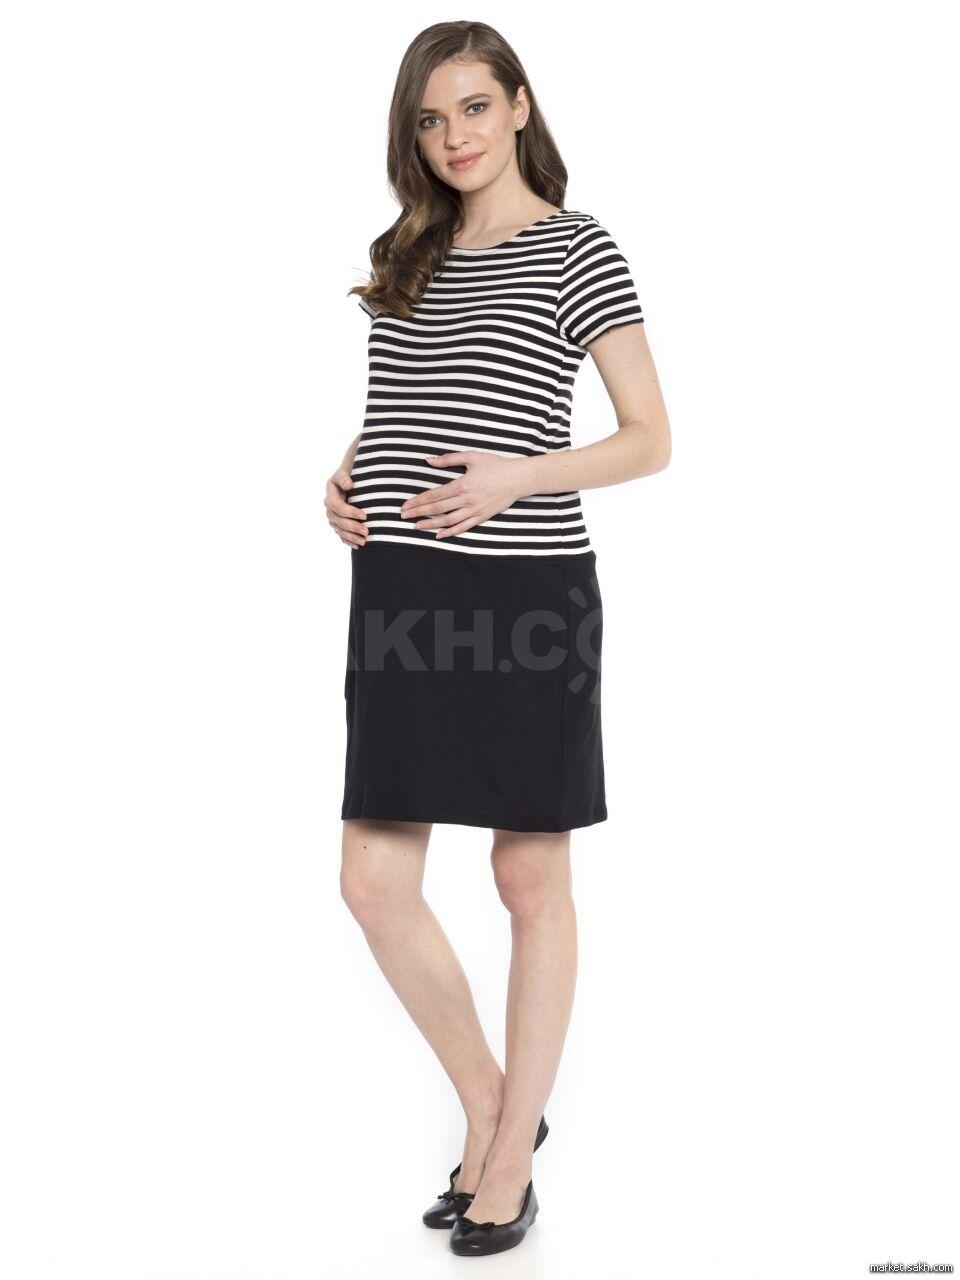 e965f33bdc43 Большой ассортимент одежды для беременных - футболки. туники, леггинсы,  брюки, джинсы, комбинезоны, юбки, платья. Все на странице (ссылка